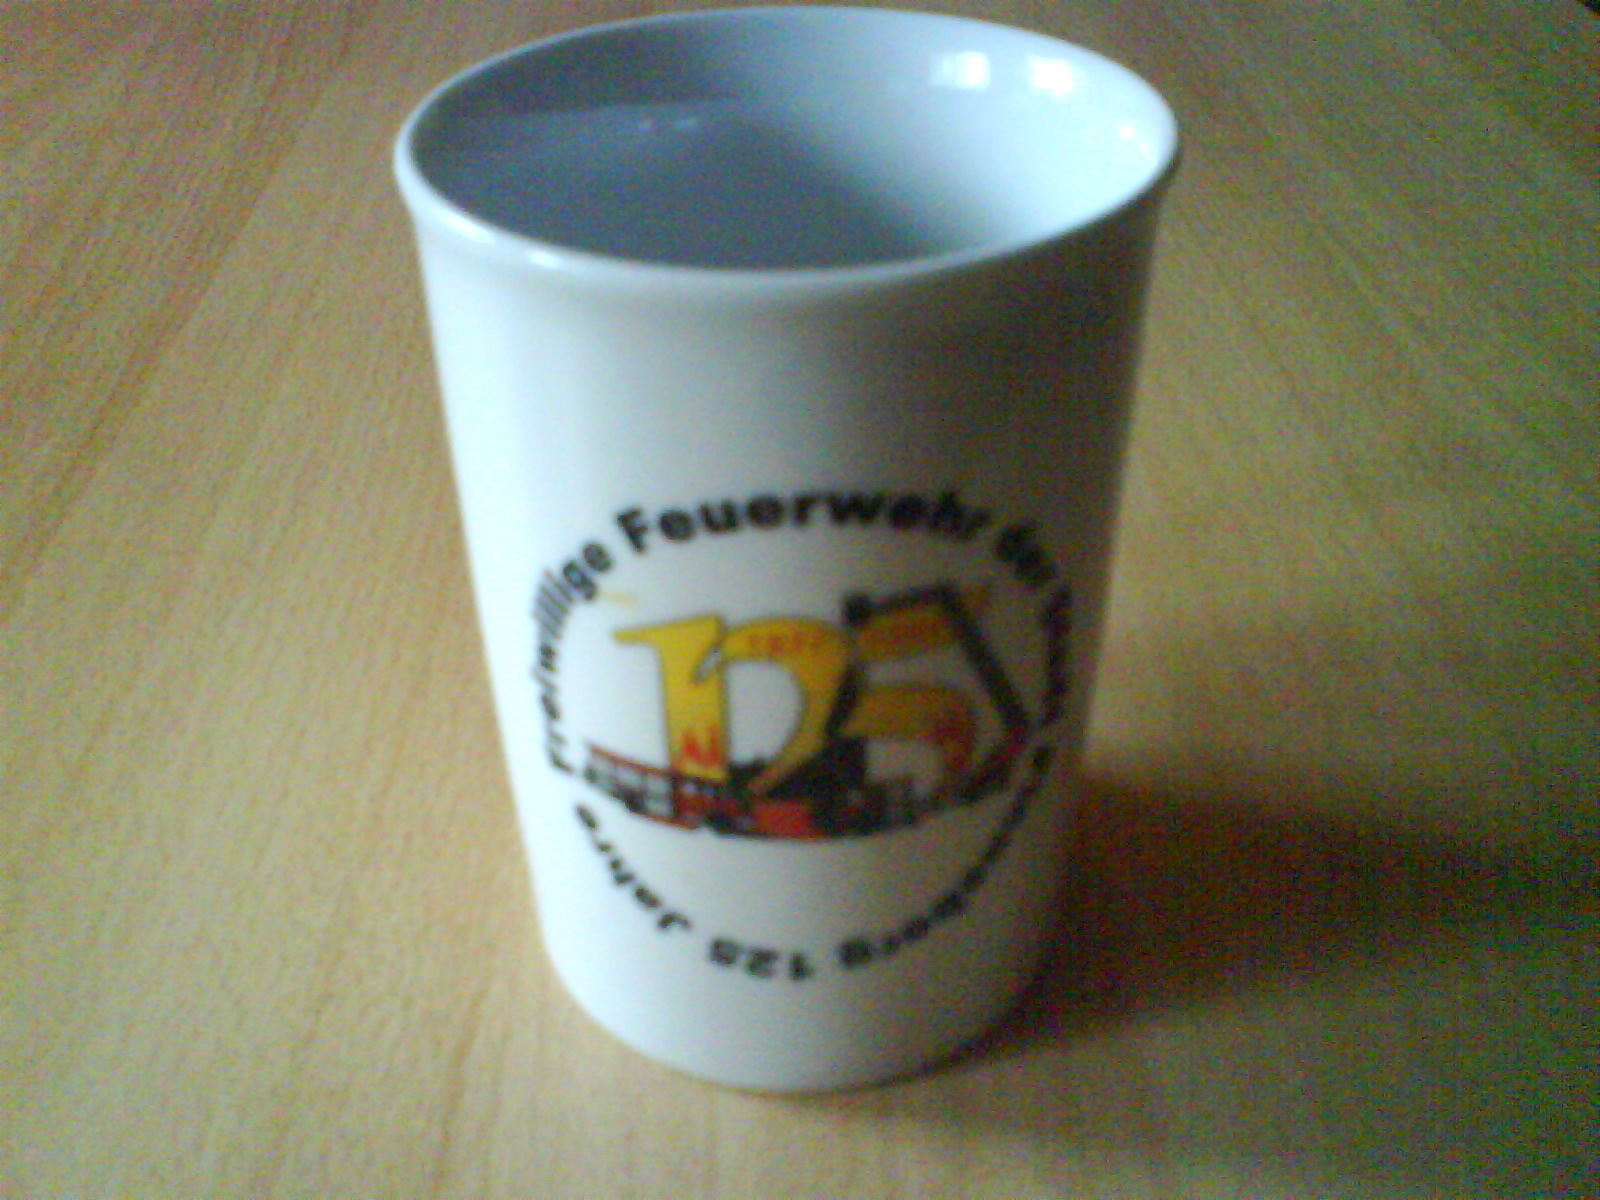 Tassenparade 2011 - Tasse #18